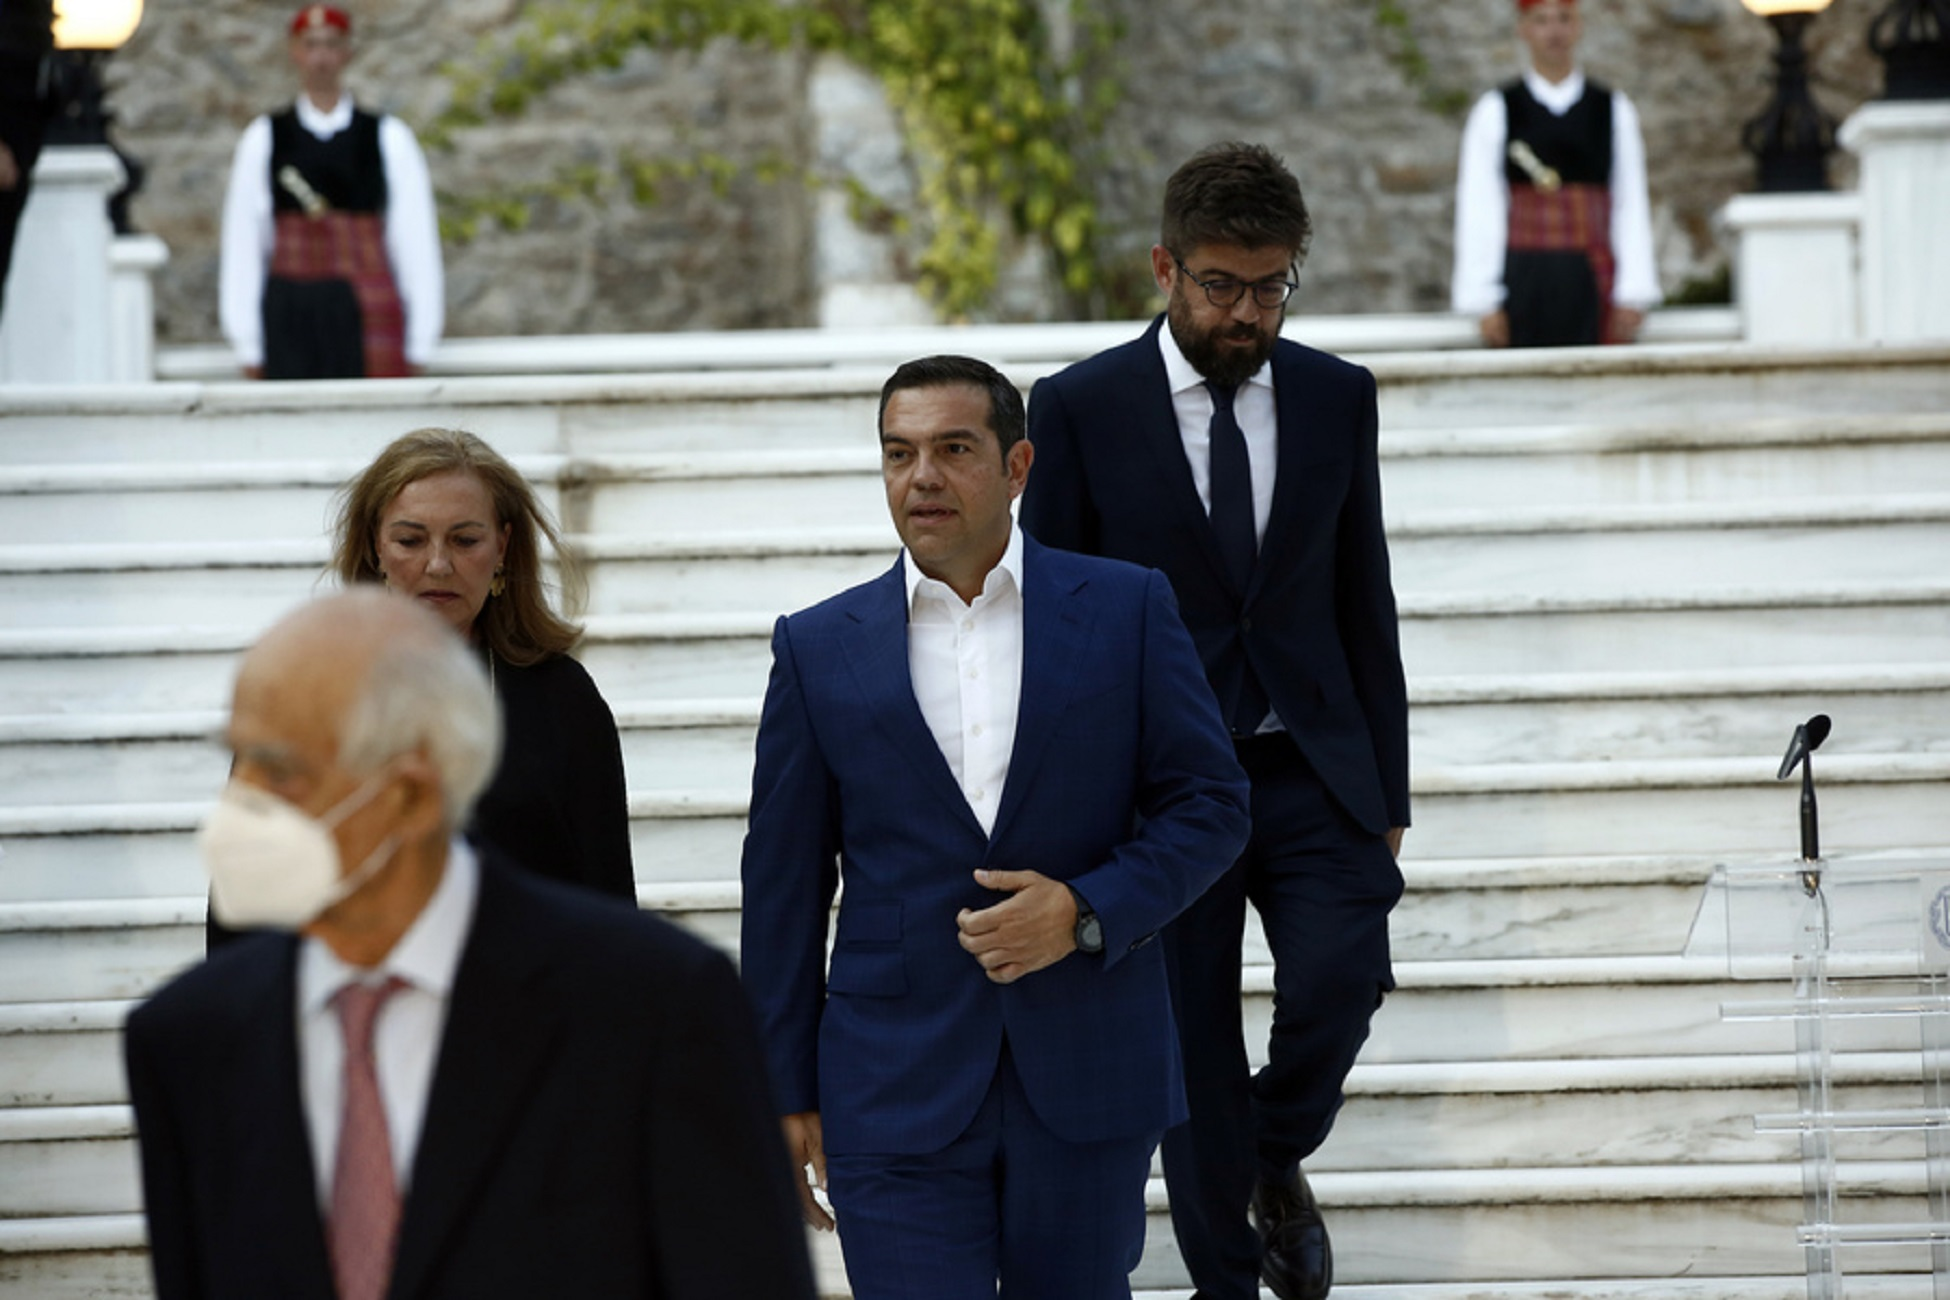 Ο πρόεδρος του ΣΥΡΙΖΑ Αλέξης Τσίπρας (Κ) προσέρχεται στη δεξίωση για την 46η επέτειο αποκατάστασης της Δημοκρατίας στη χώρα μας, στο Προεδρικό Μέγαρο, Αθήνα Παρασκευή 24 Ιουλίου 2020. ΑΠΕ-ΜΠΕ/ΑΠΕ-ΜΠΕ/ΓΙΑΝΝΗΣ ΚΟΛΕΣΙΔΗΣ